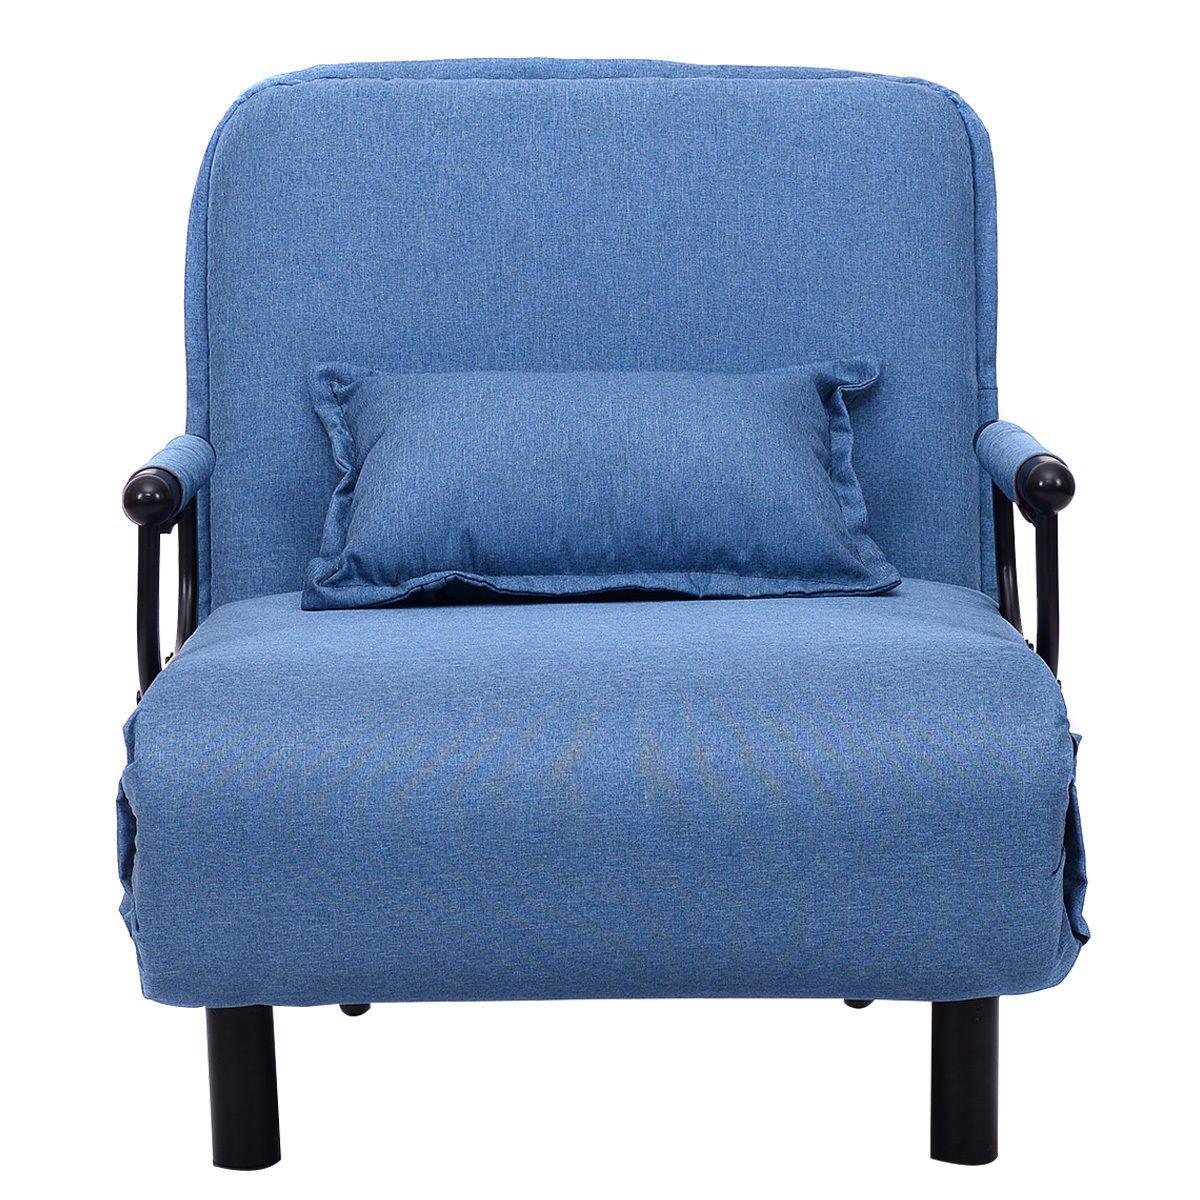 Wondrous Cheap Chair Bed Sleeper Sale Find Chair Bed Sleeper Sale Short Links Chair Design For Home Short Linksinfo